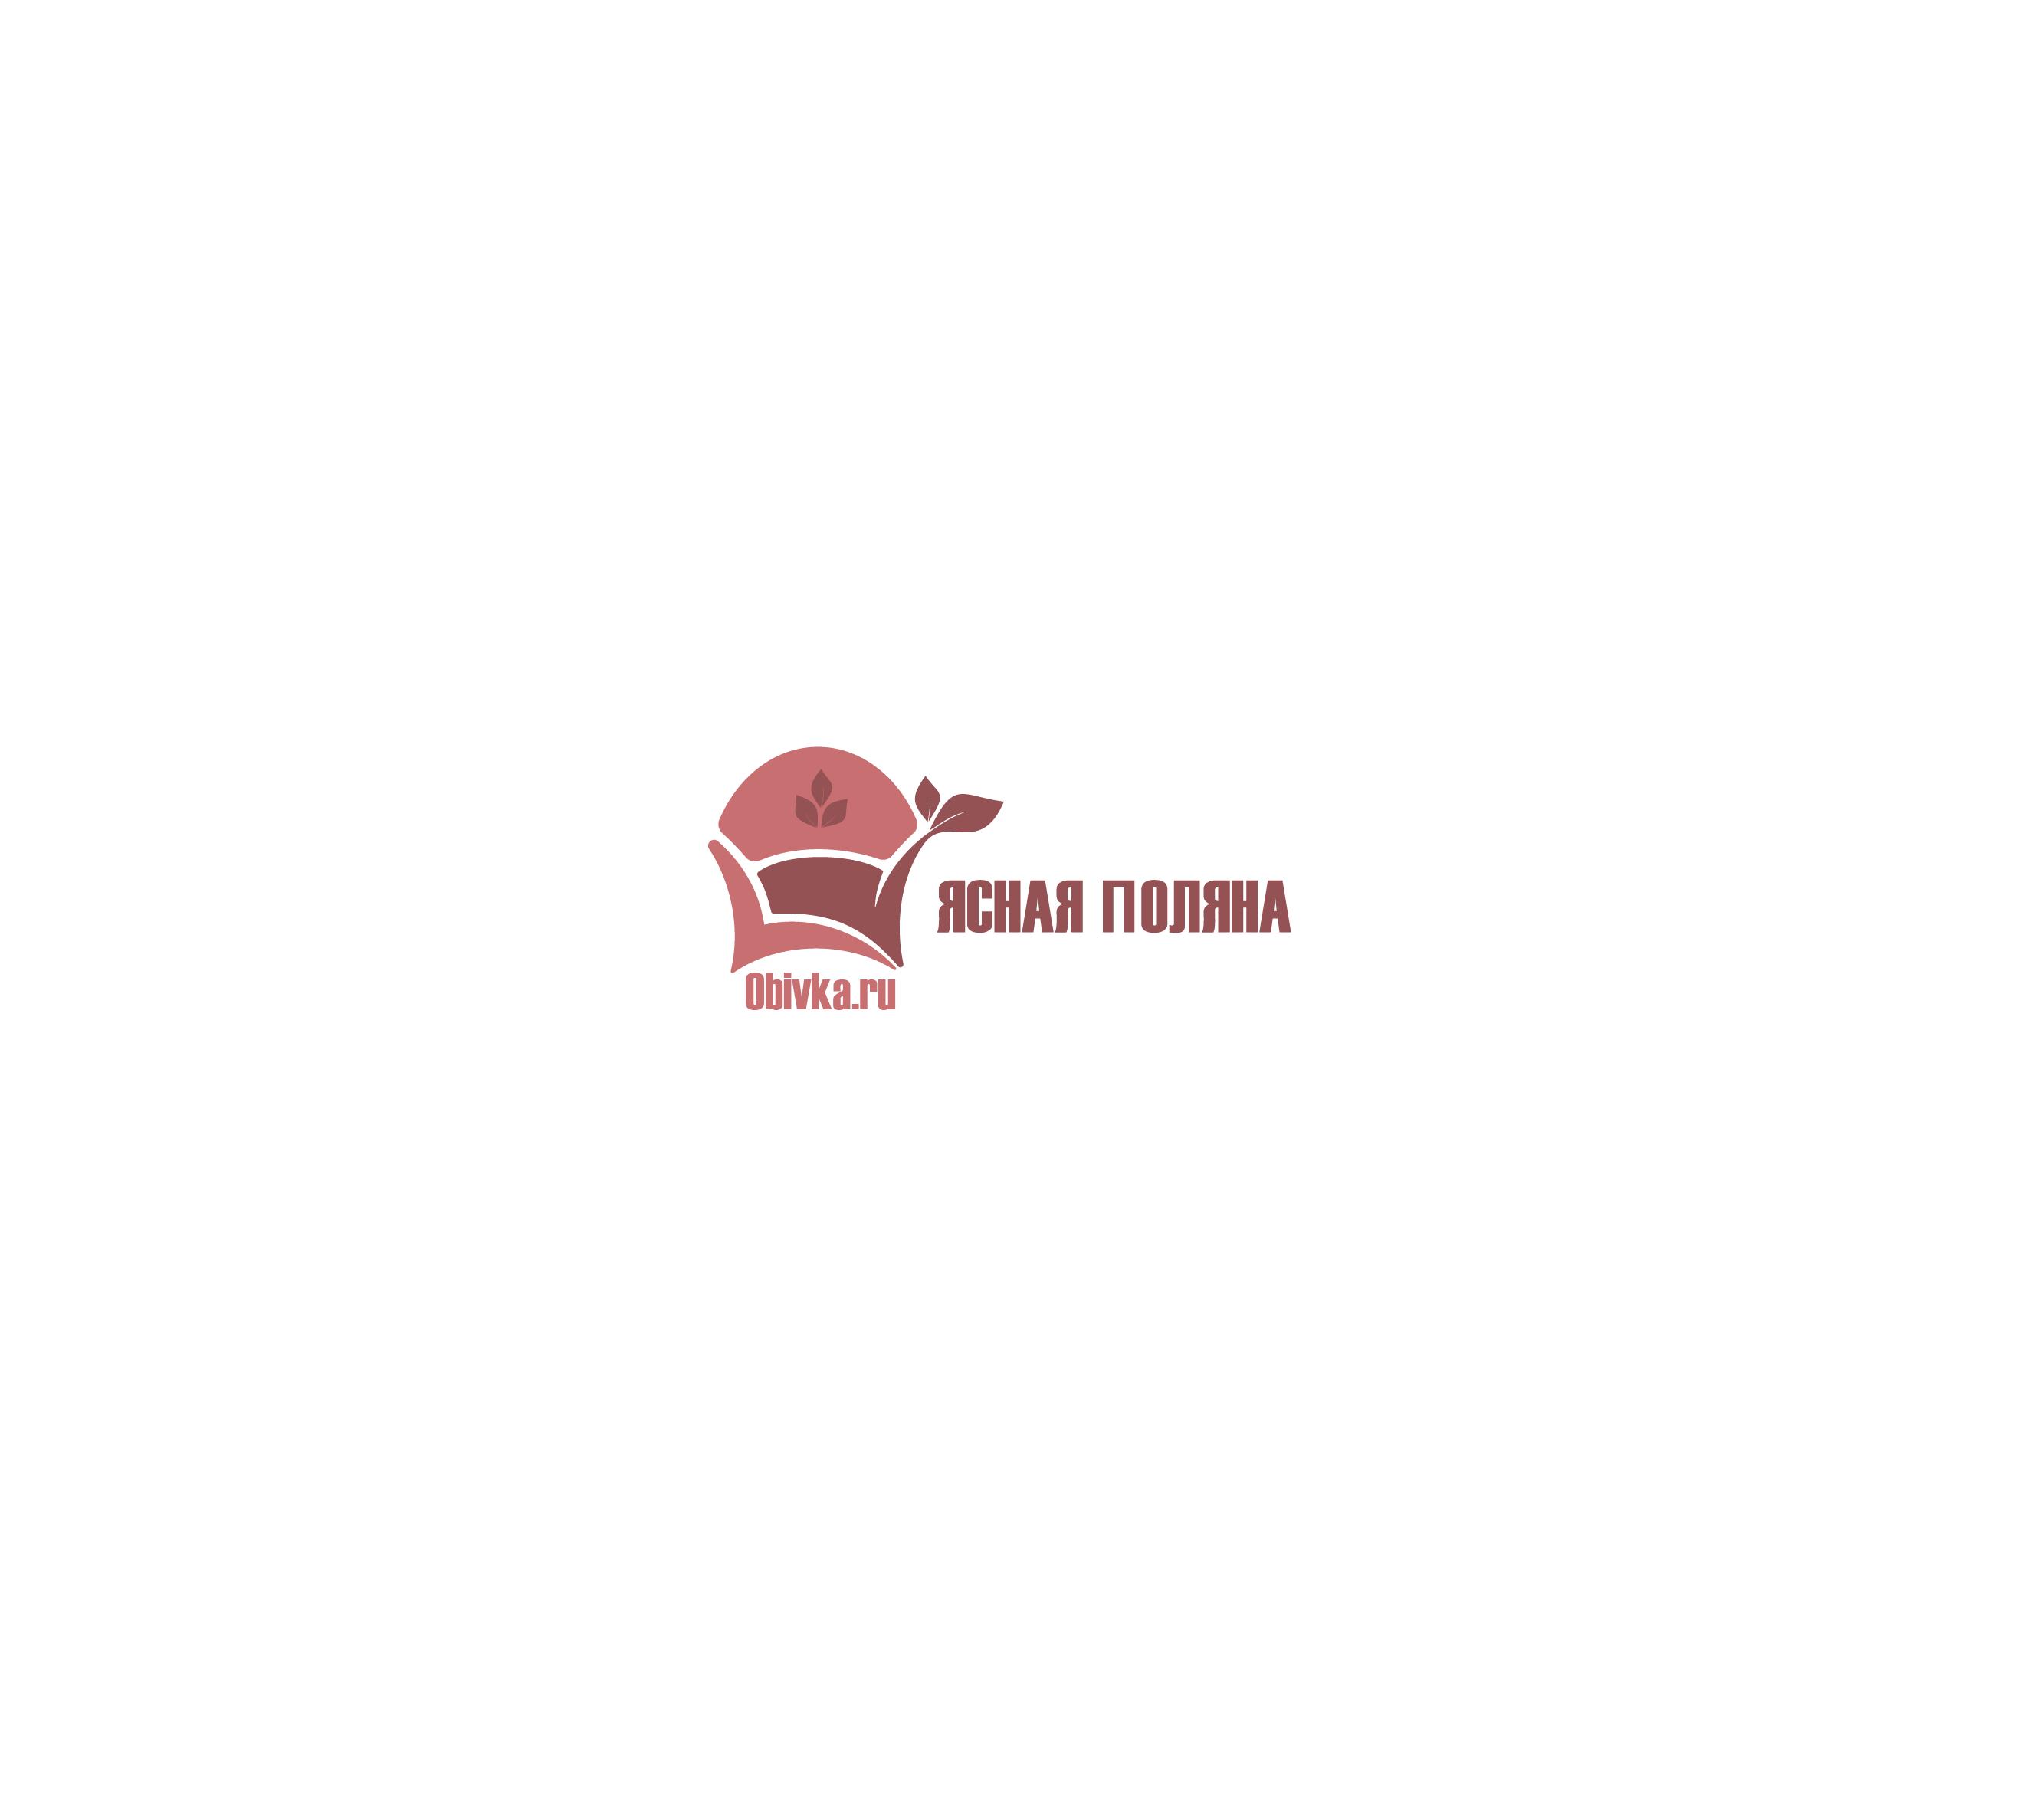 Логотип для сайта OBIVKA.RU фото f_6675c1e626a2c1c7.png